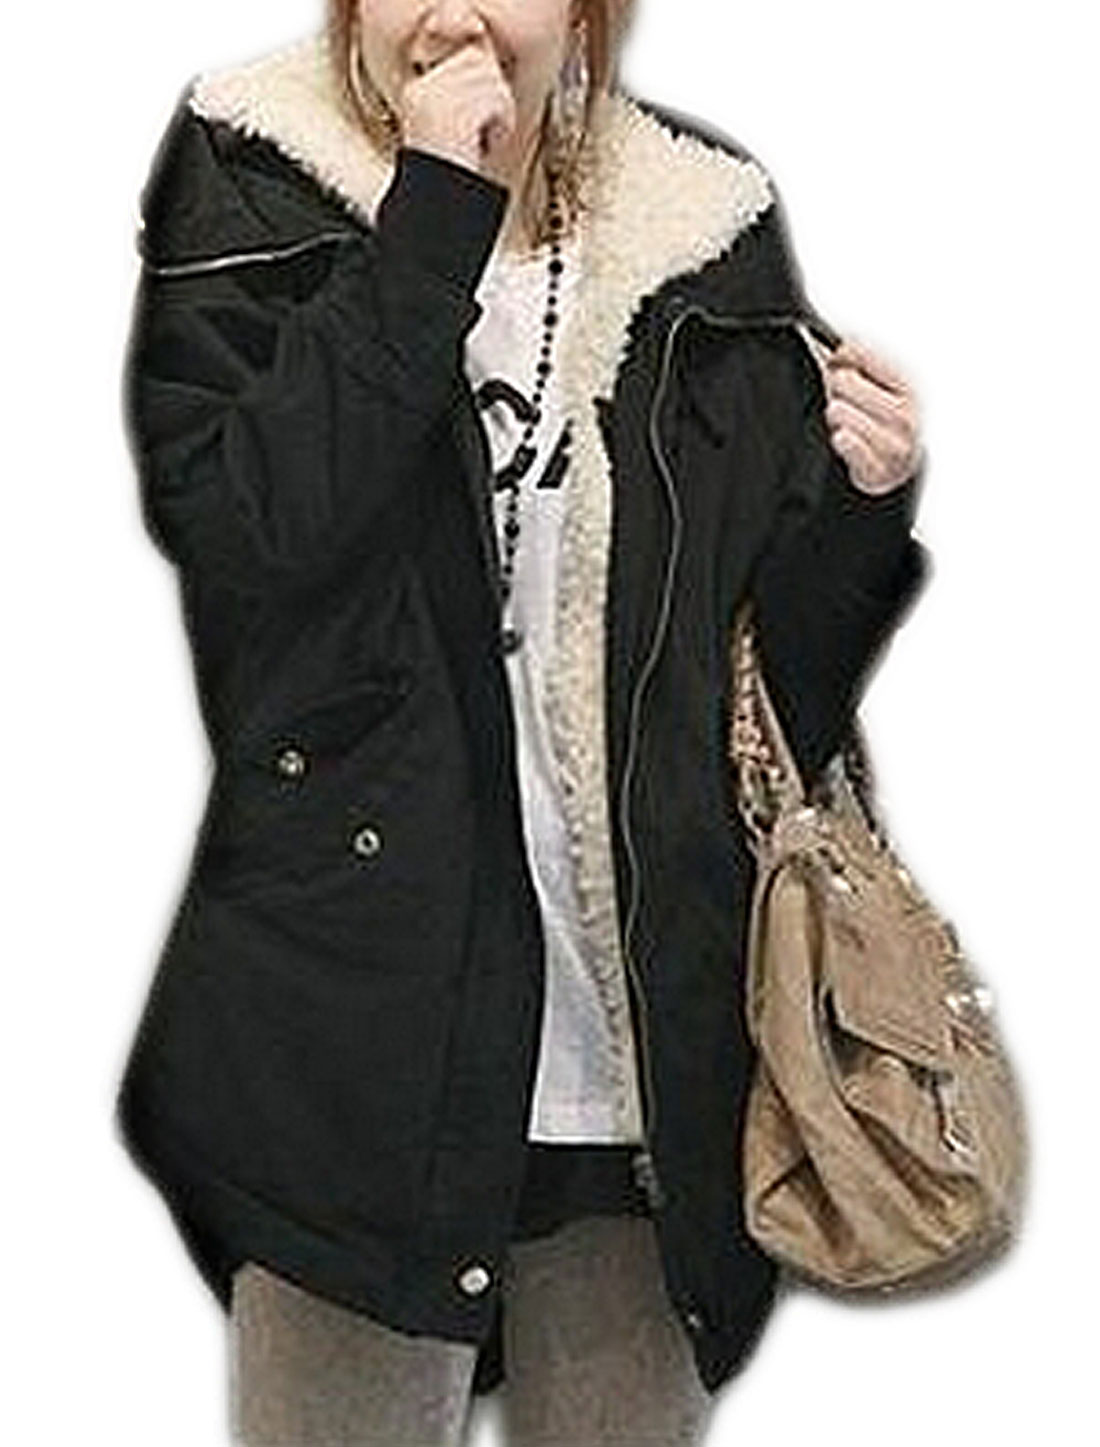 Lady Winter Warm Faux Fur Parka Jacket Hooded Coat Top Outerwear Black M